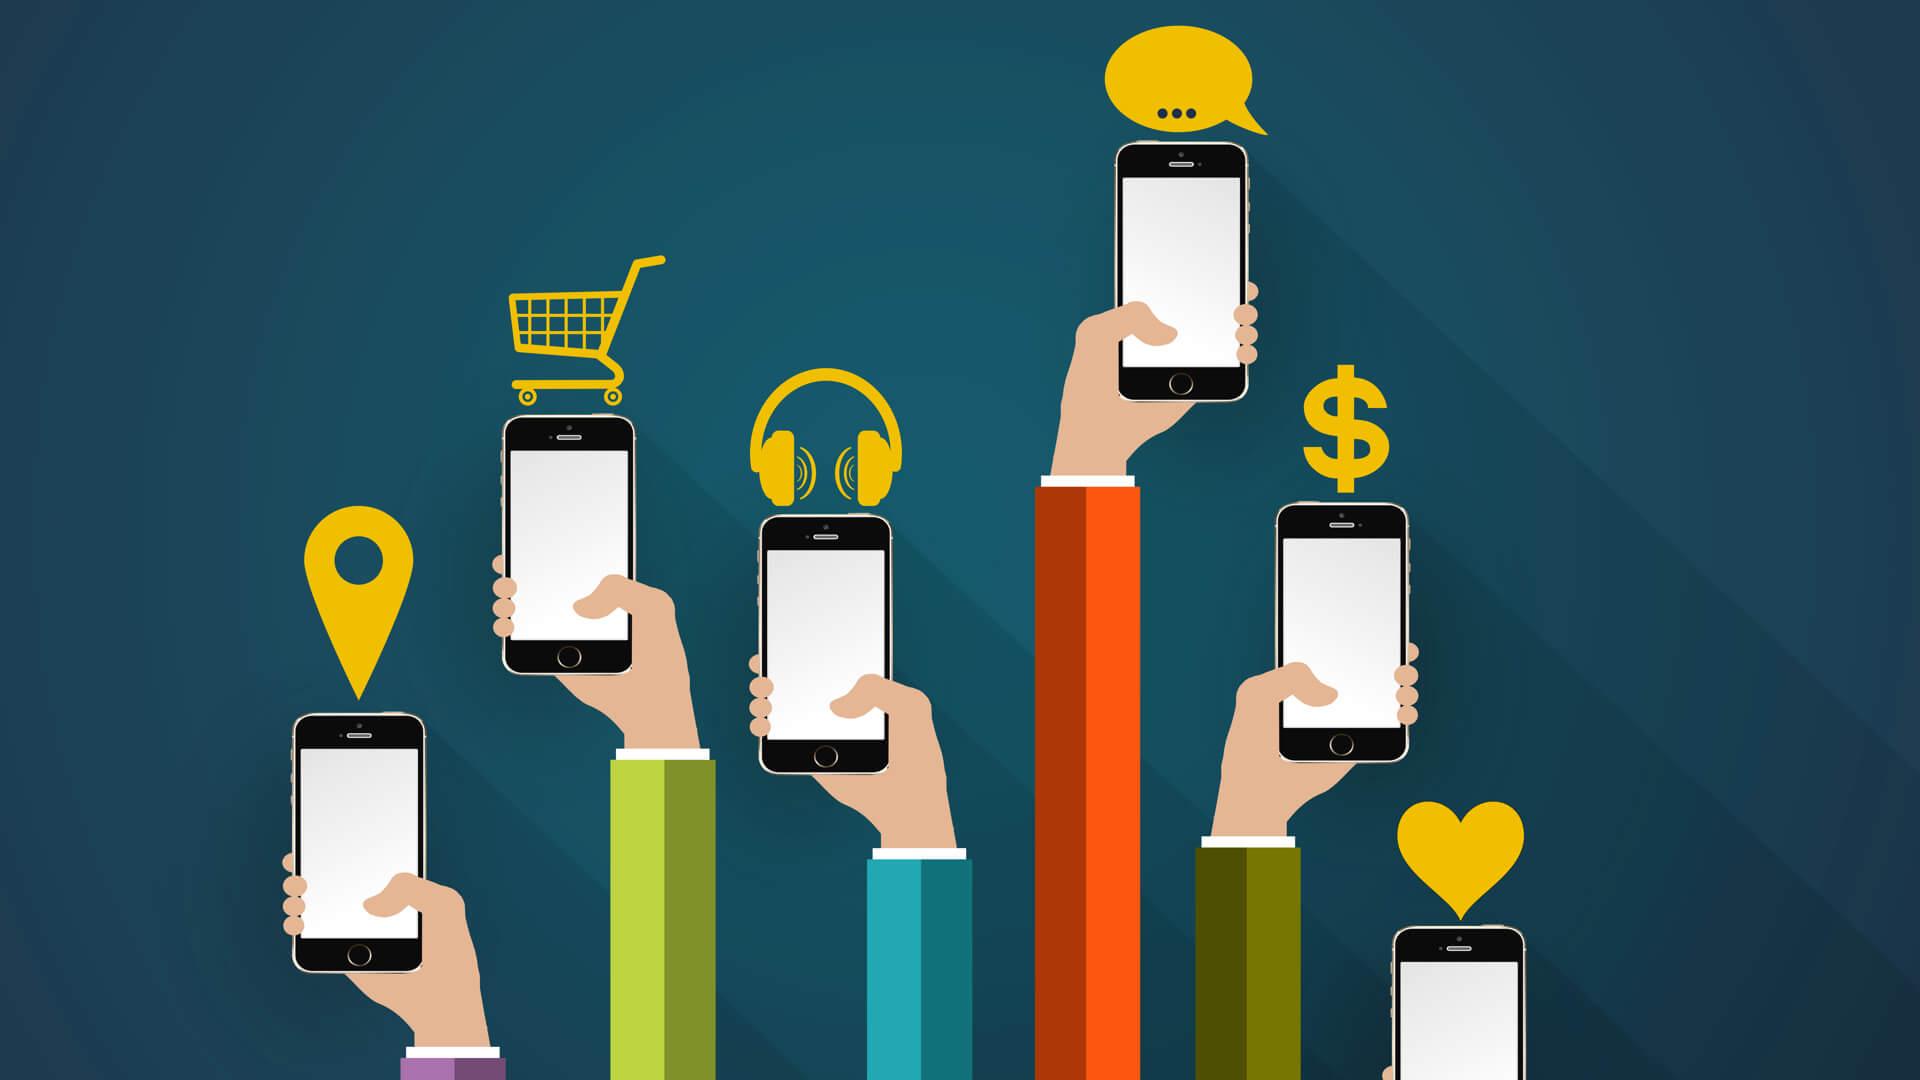 Facebook expande las categorías y el contenido del Marketplace en un nuevo impulso para el crecimiento